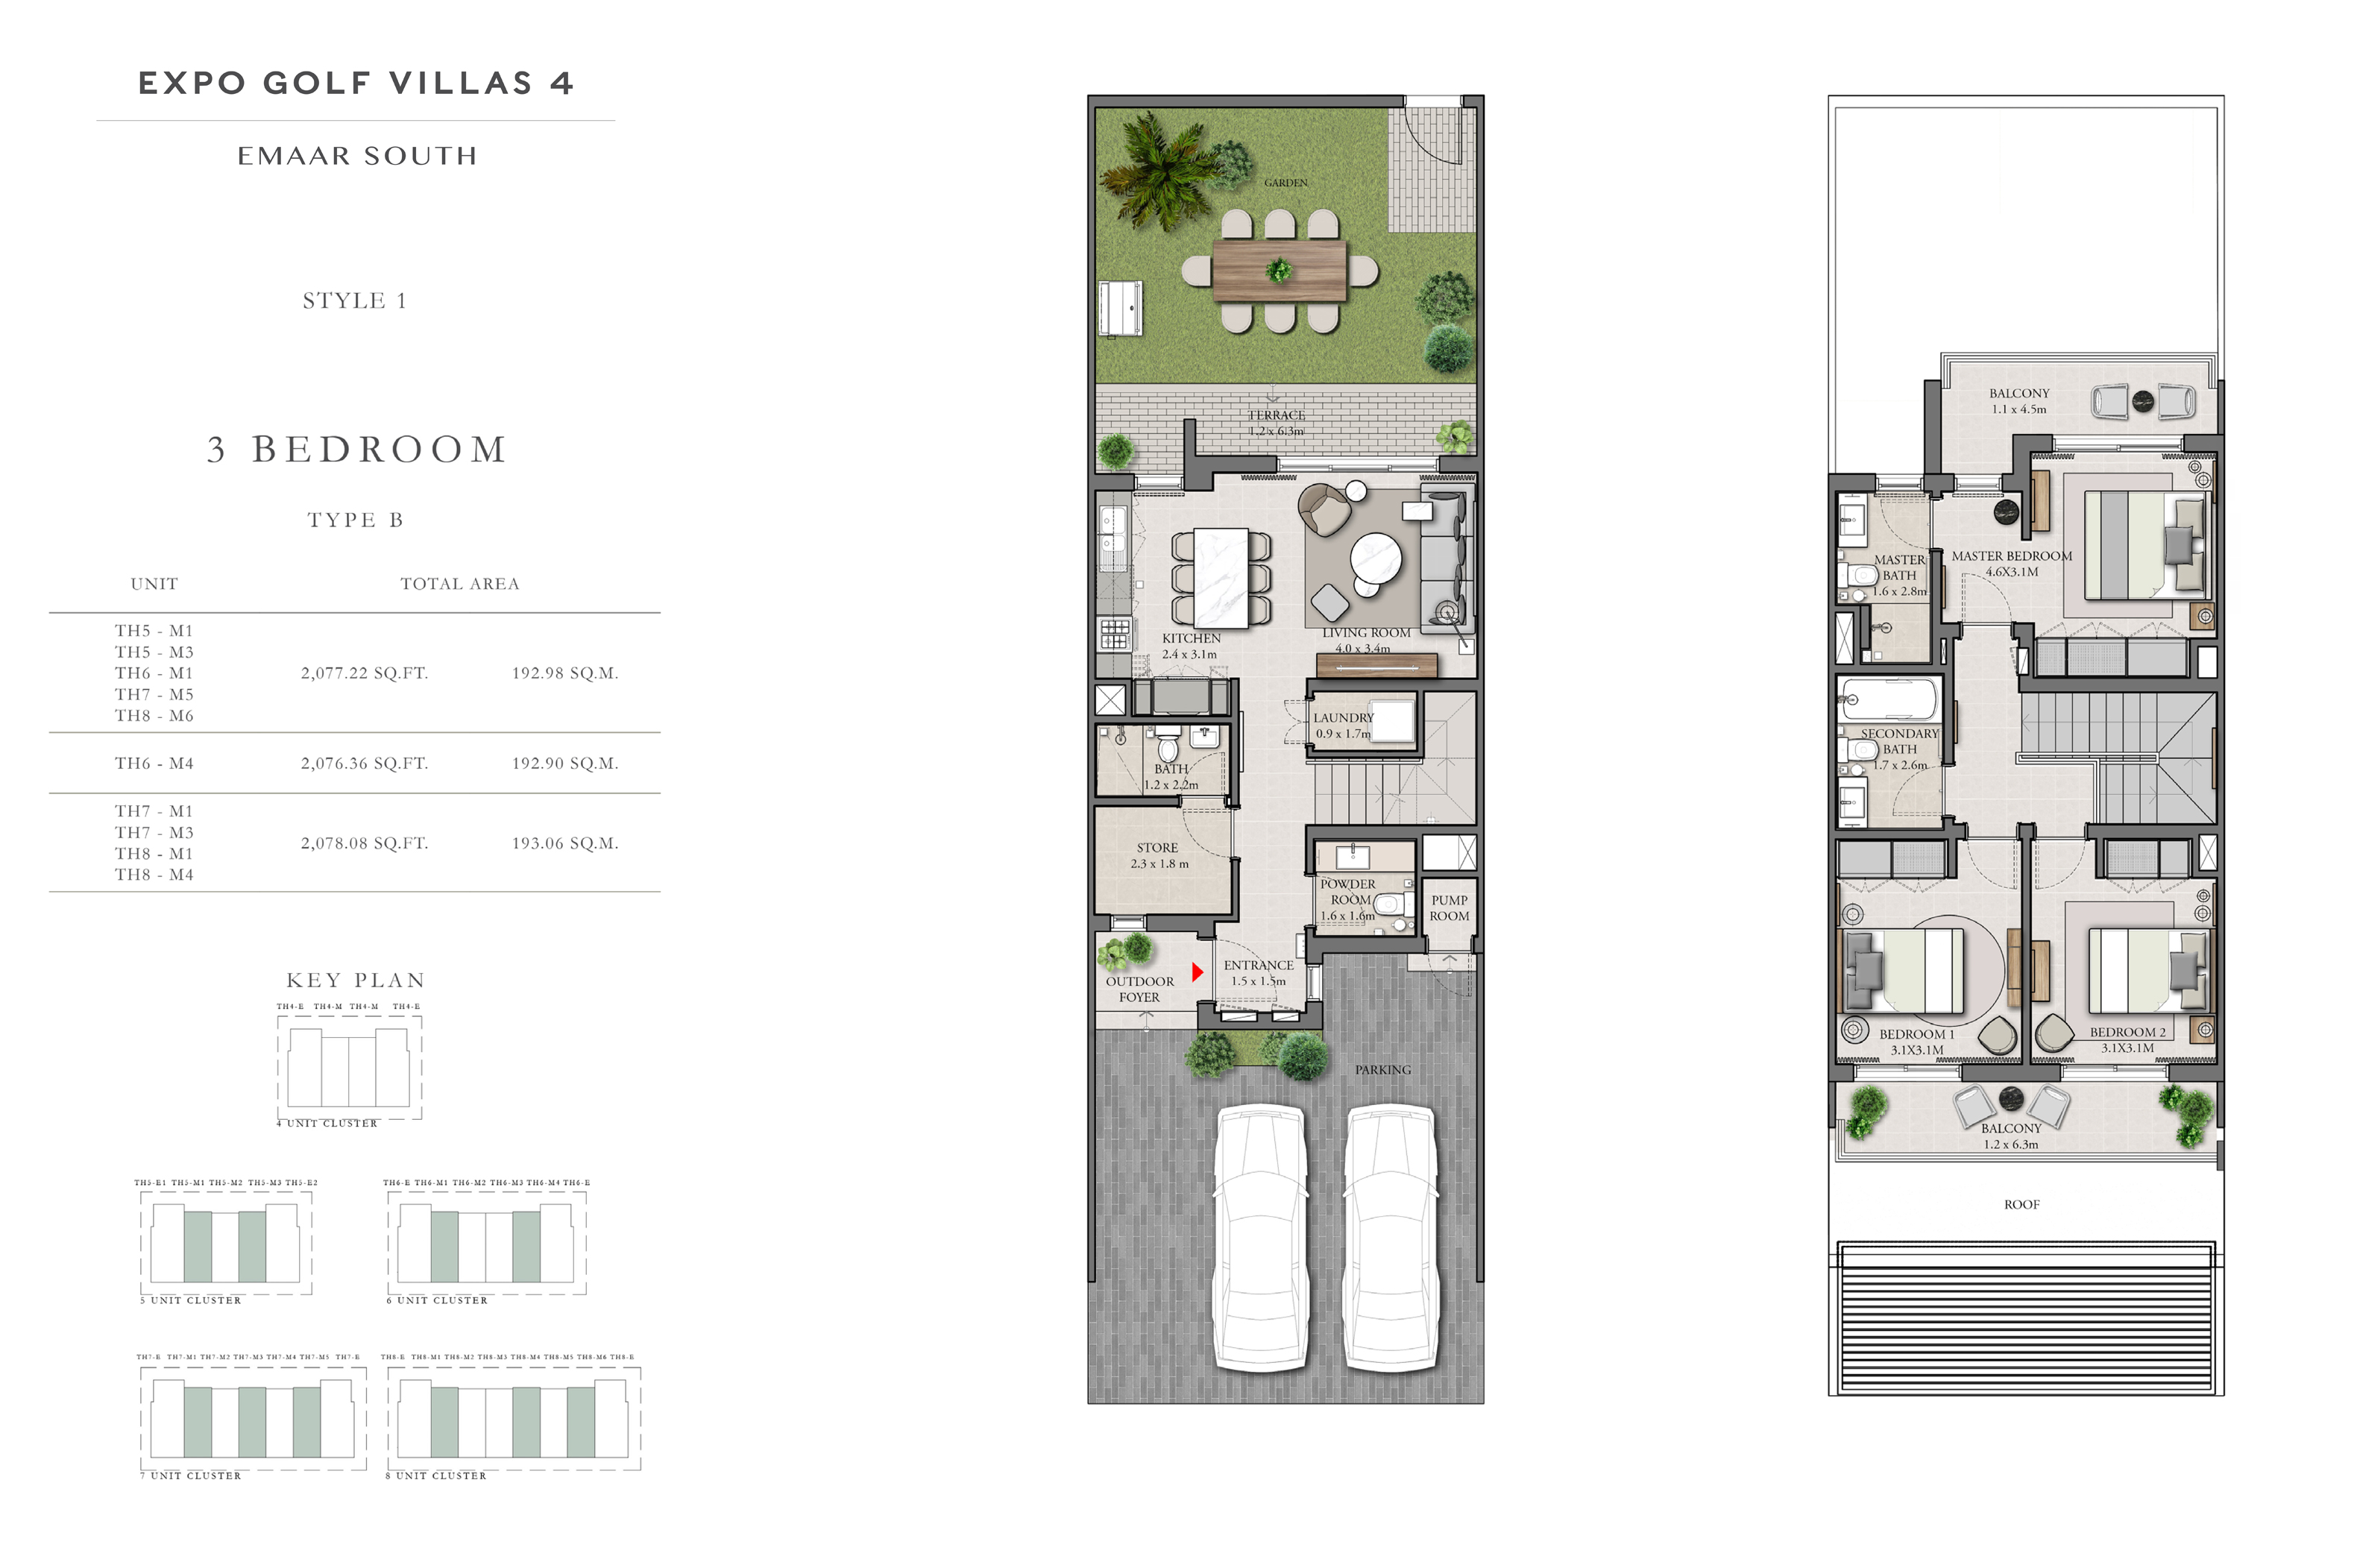 3 غرف نوم، نوع B، حجم 2078 قدم مربع